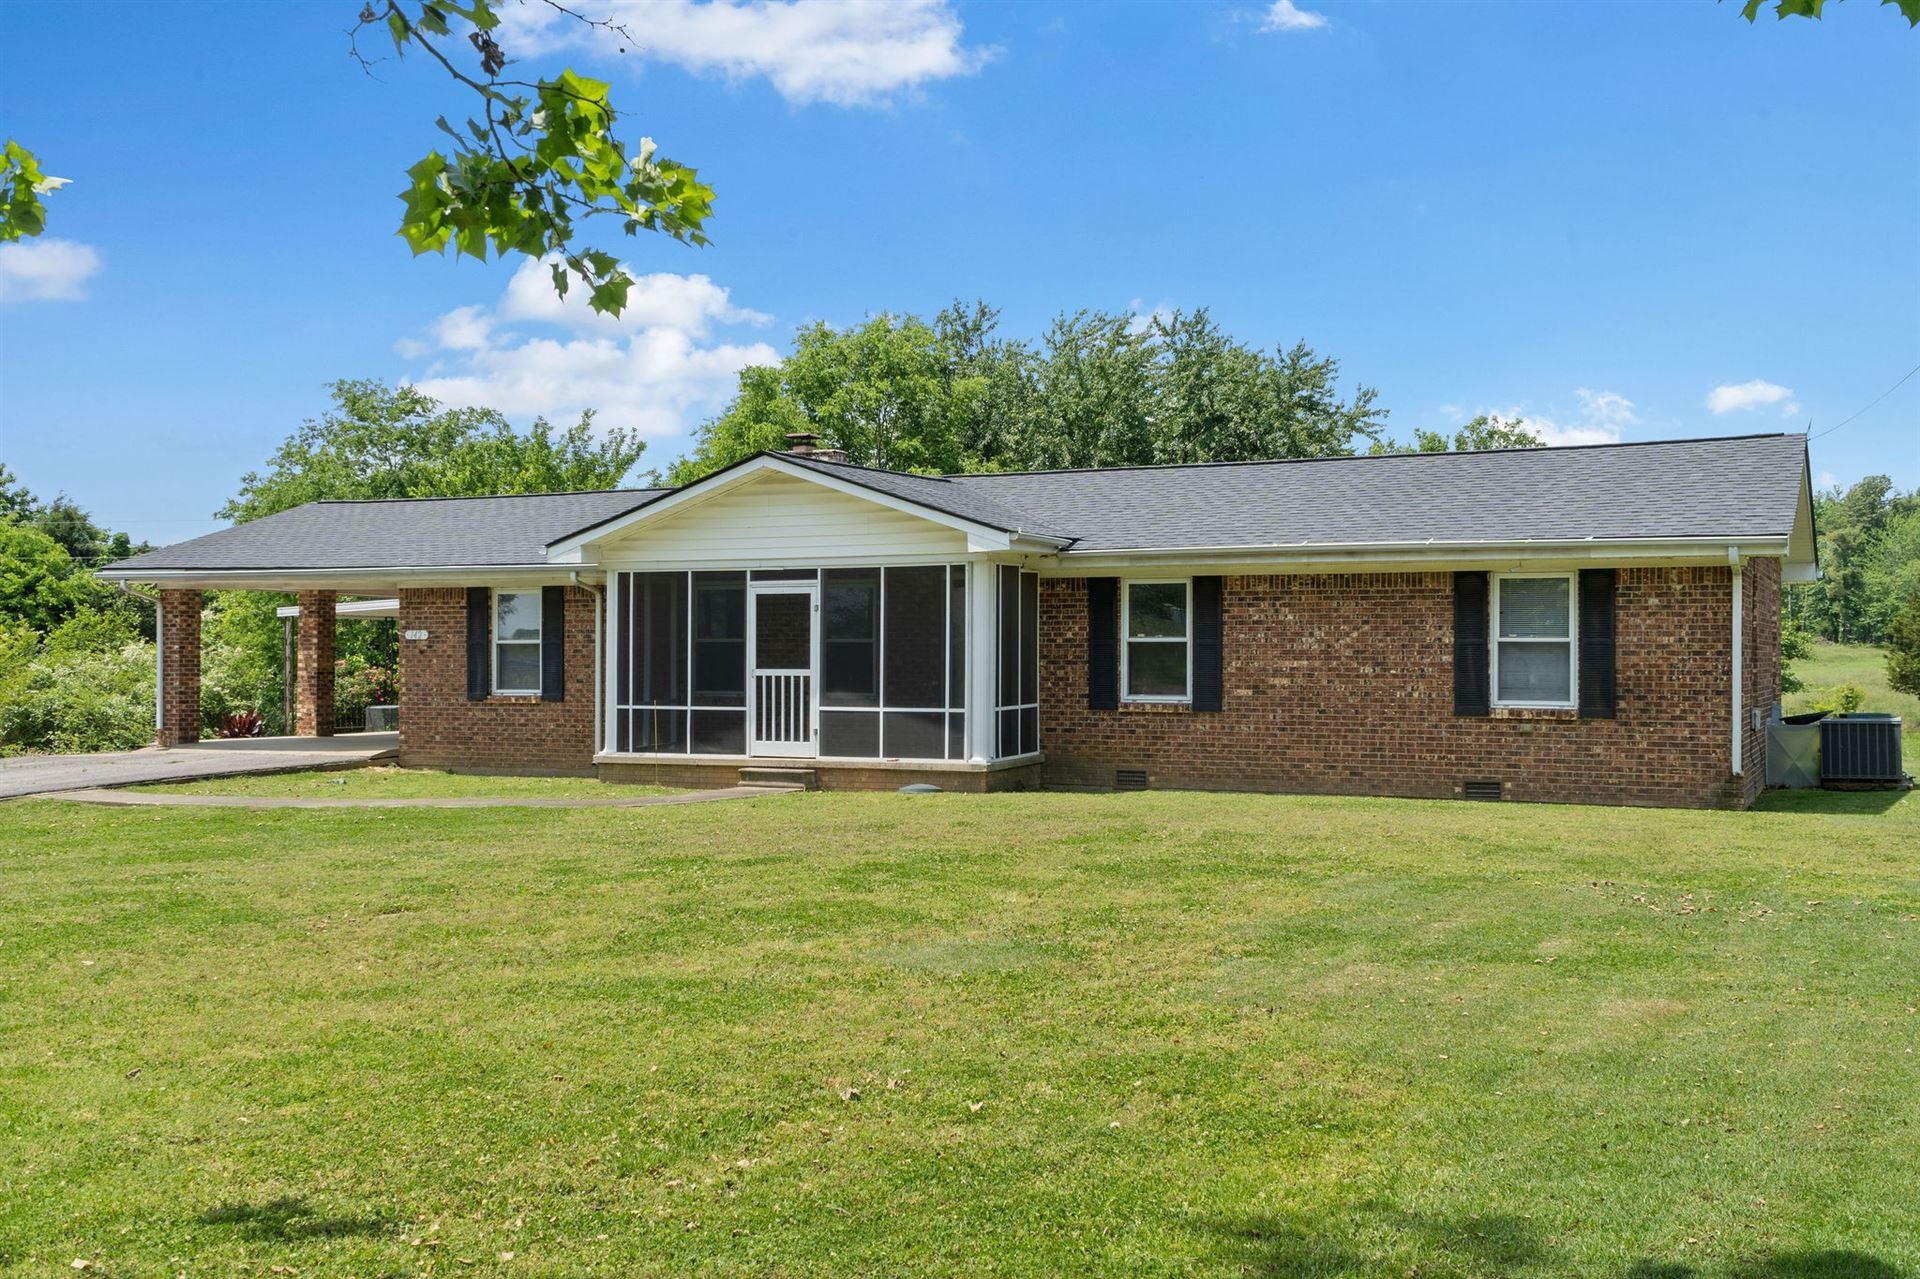 142 N Main St, Erin, TN 37061 - MLS#: 2256596